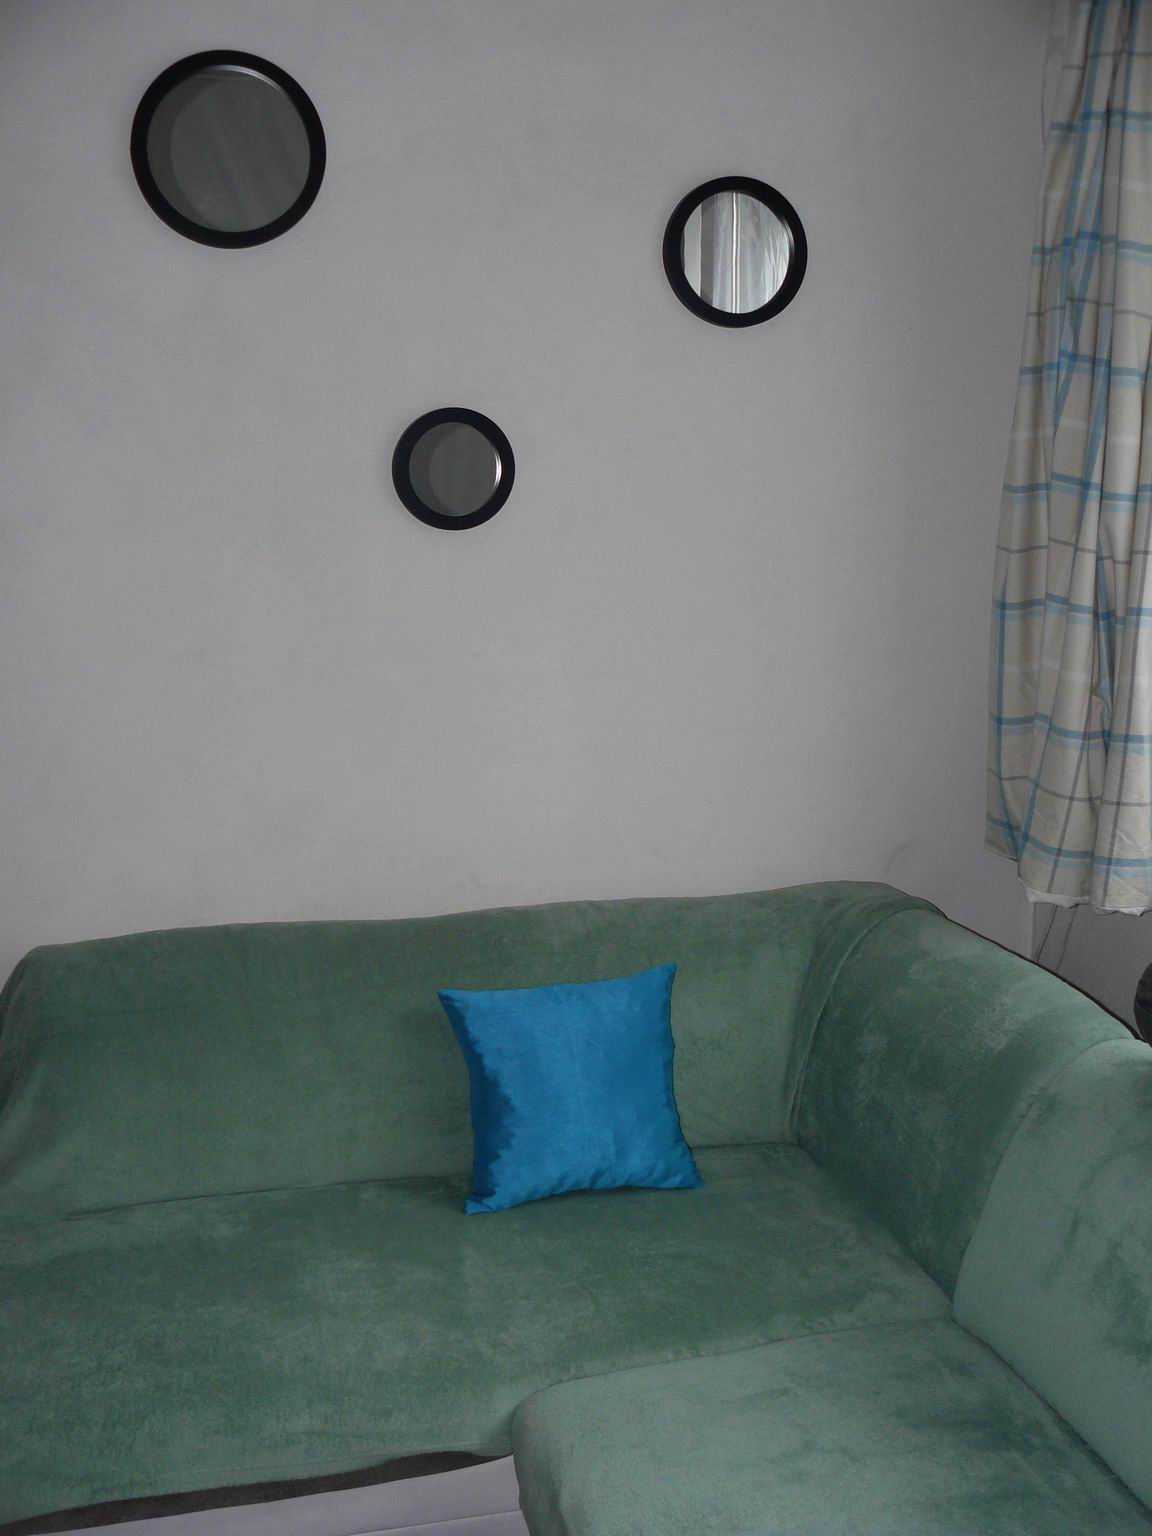 Domov 2020 - sedačka v mátové barvě